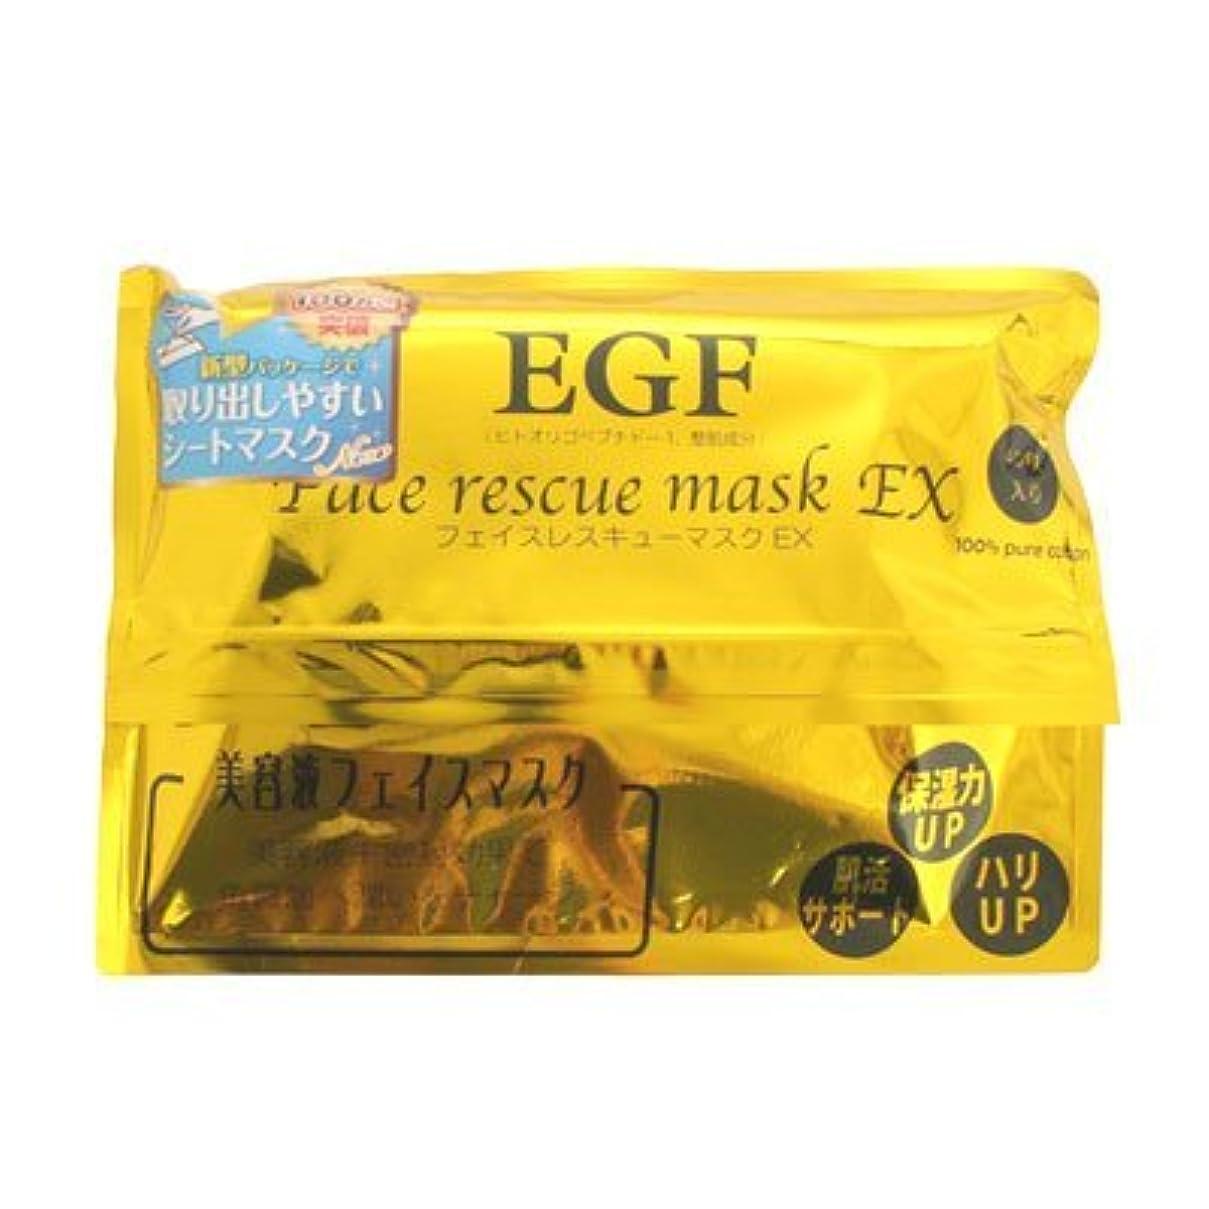 ミスペンドさておきためにEGF フェイス レスキュー マスク EX (40枚入り)